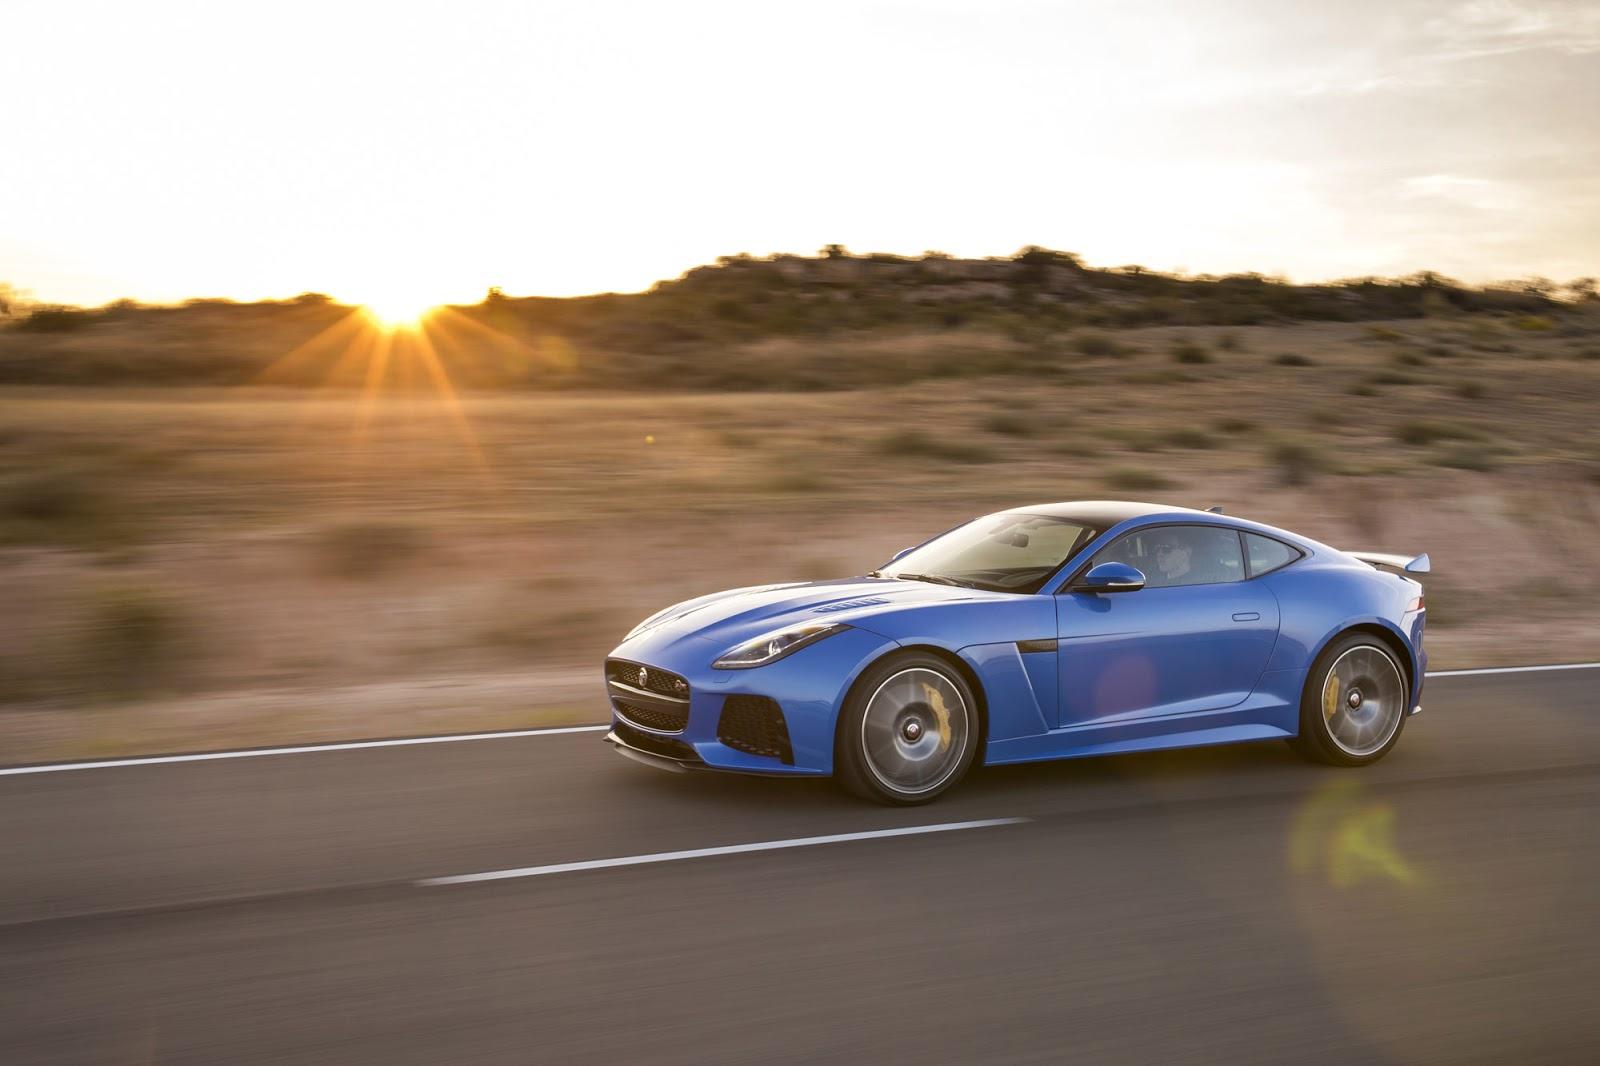 Đánh giá xe Jaguar F-Type SVR 2017